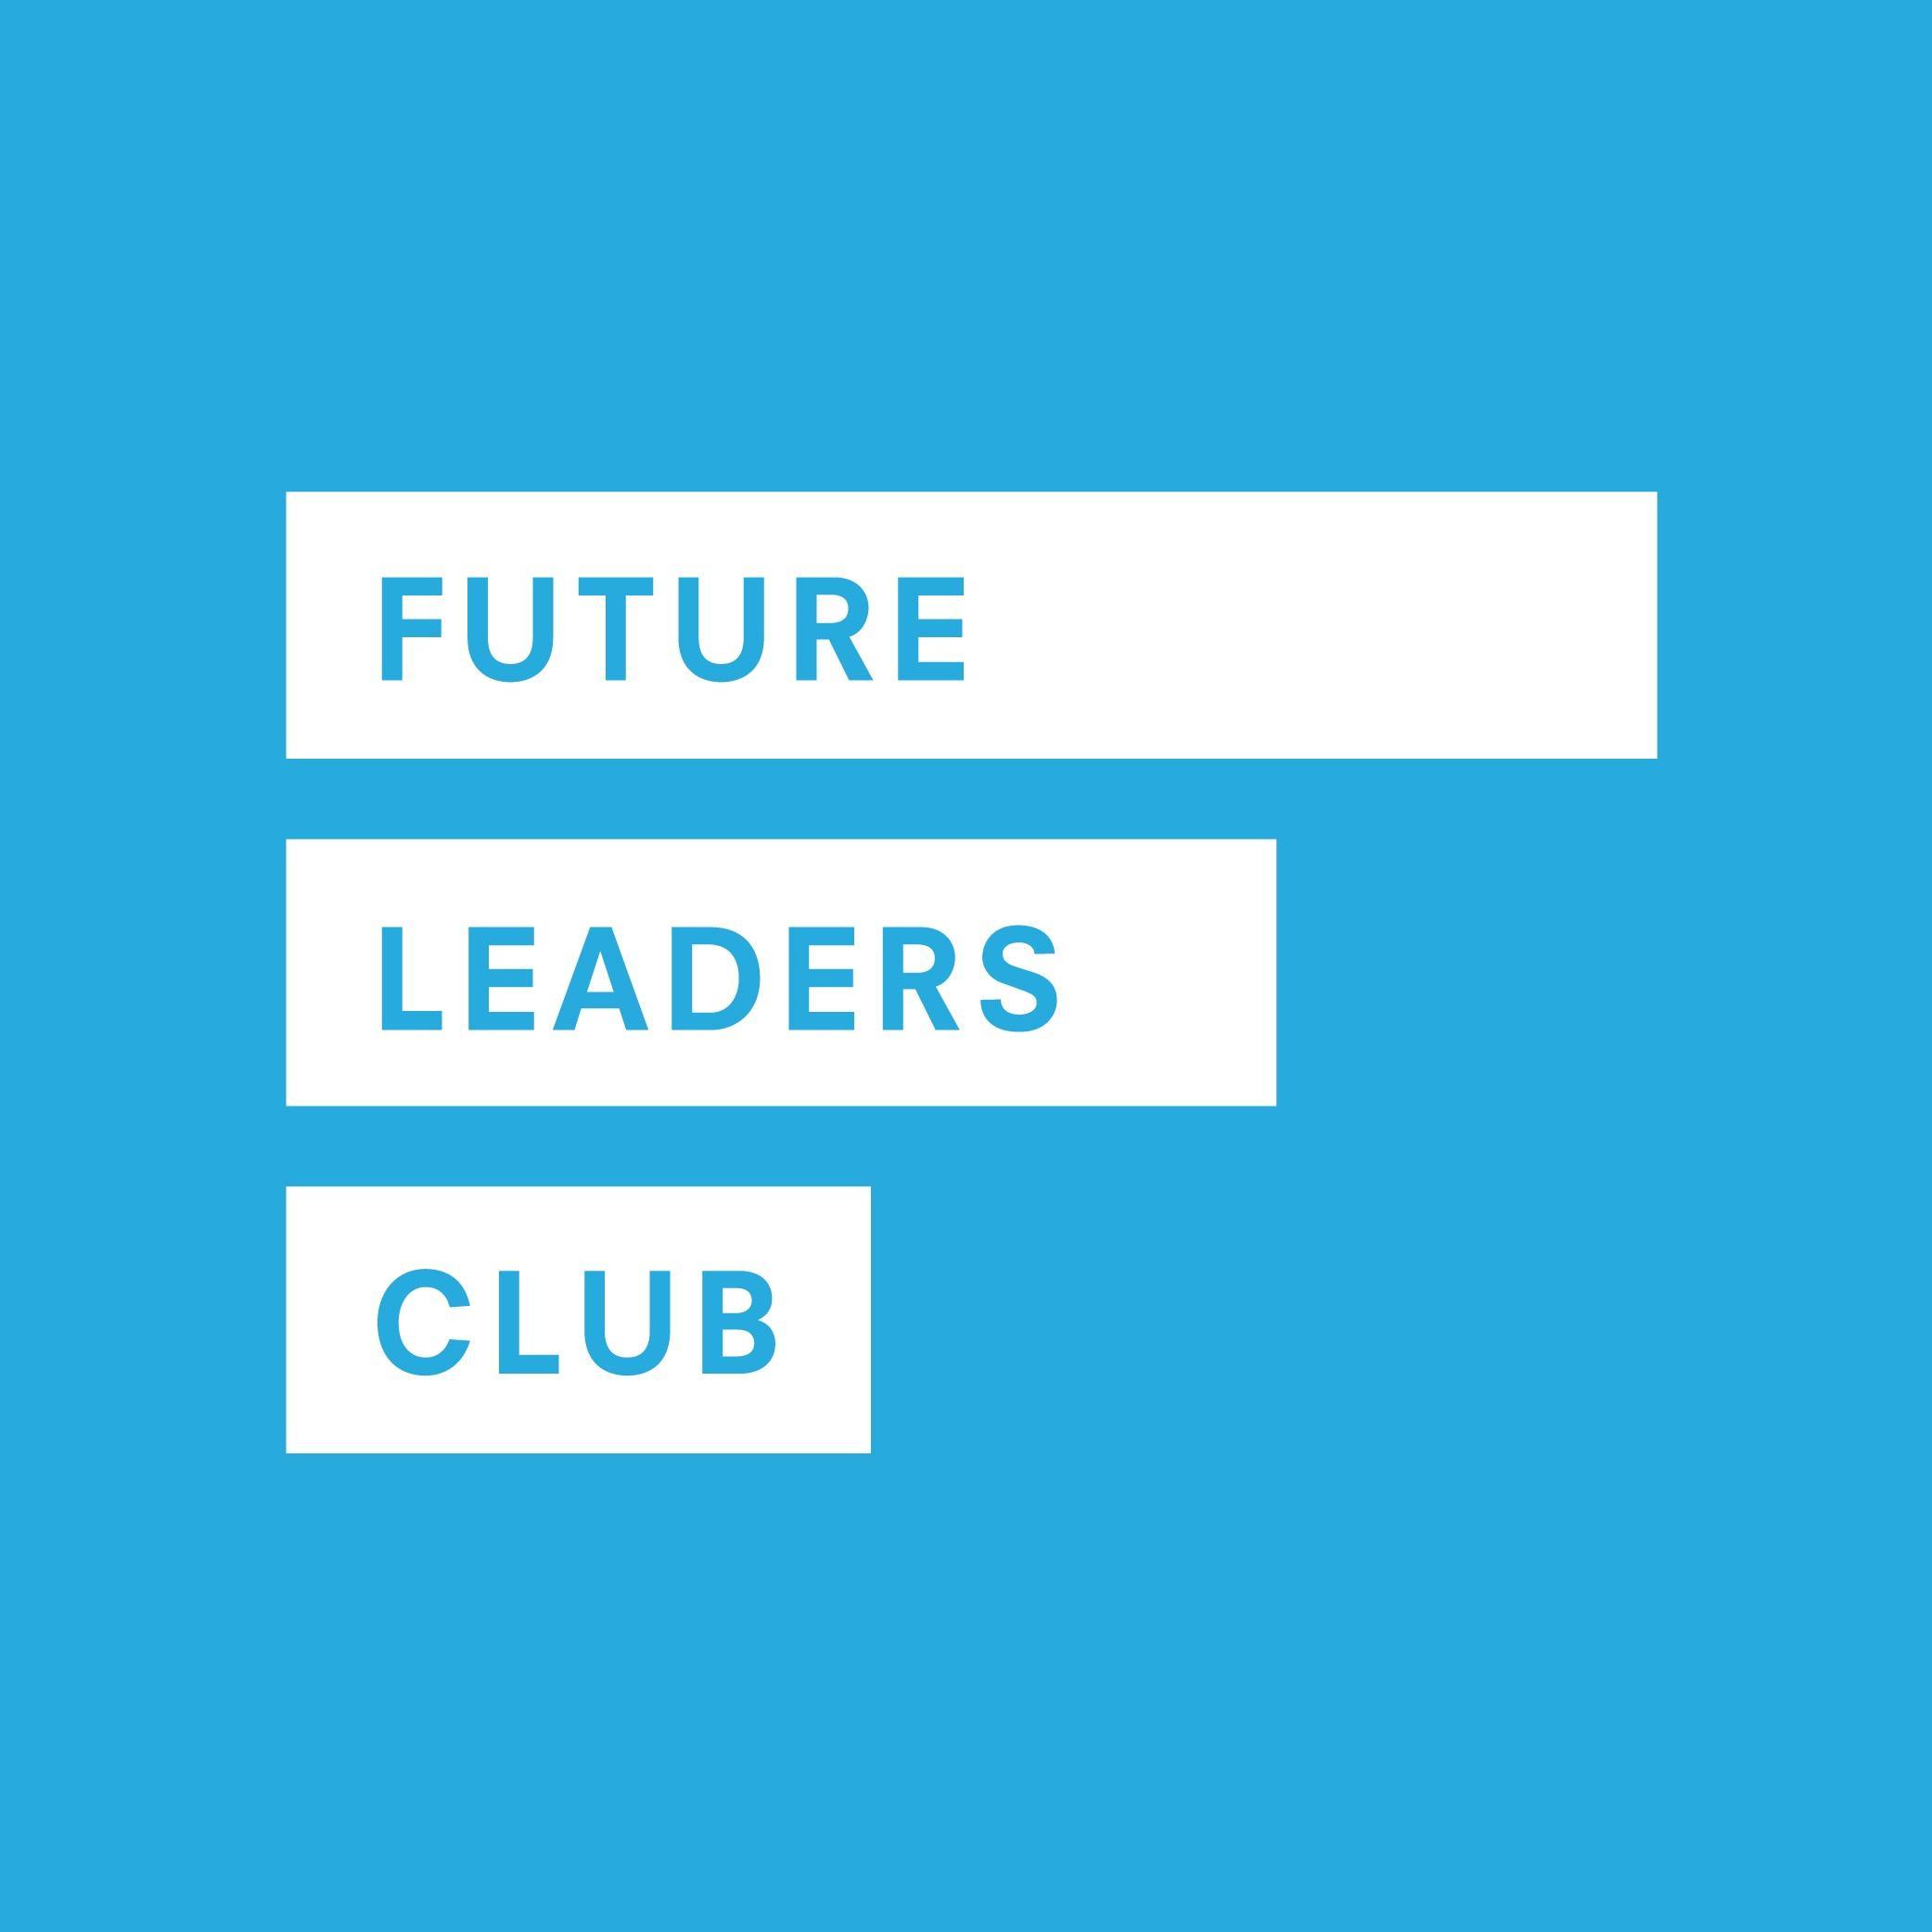 Future Leaders